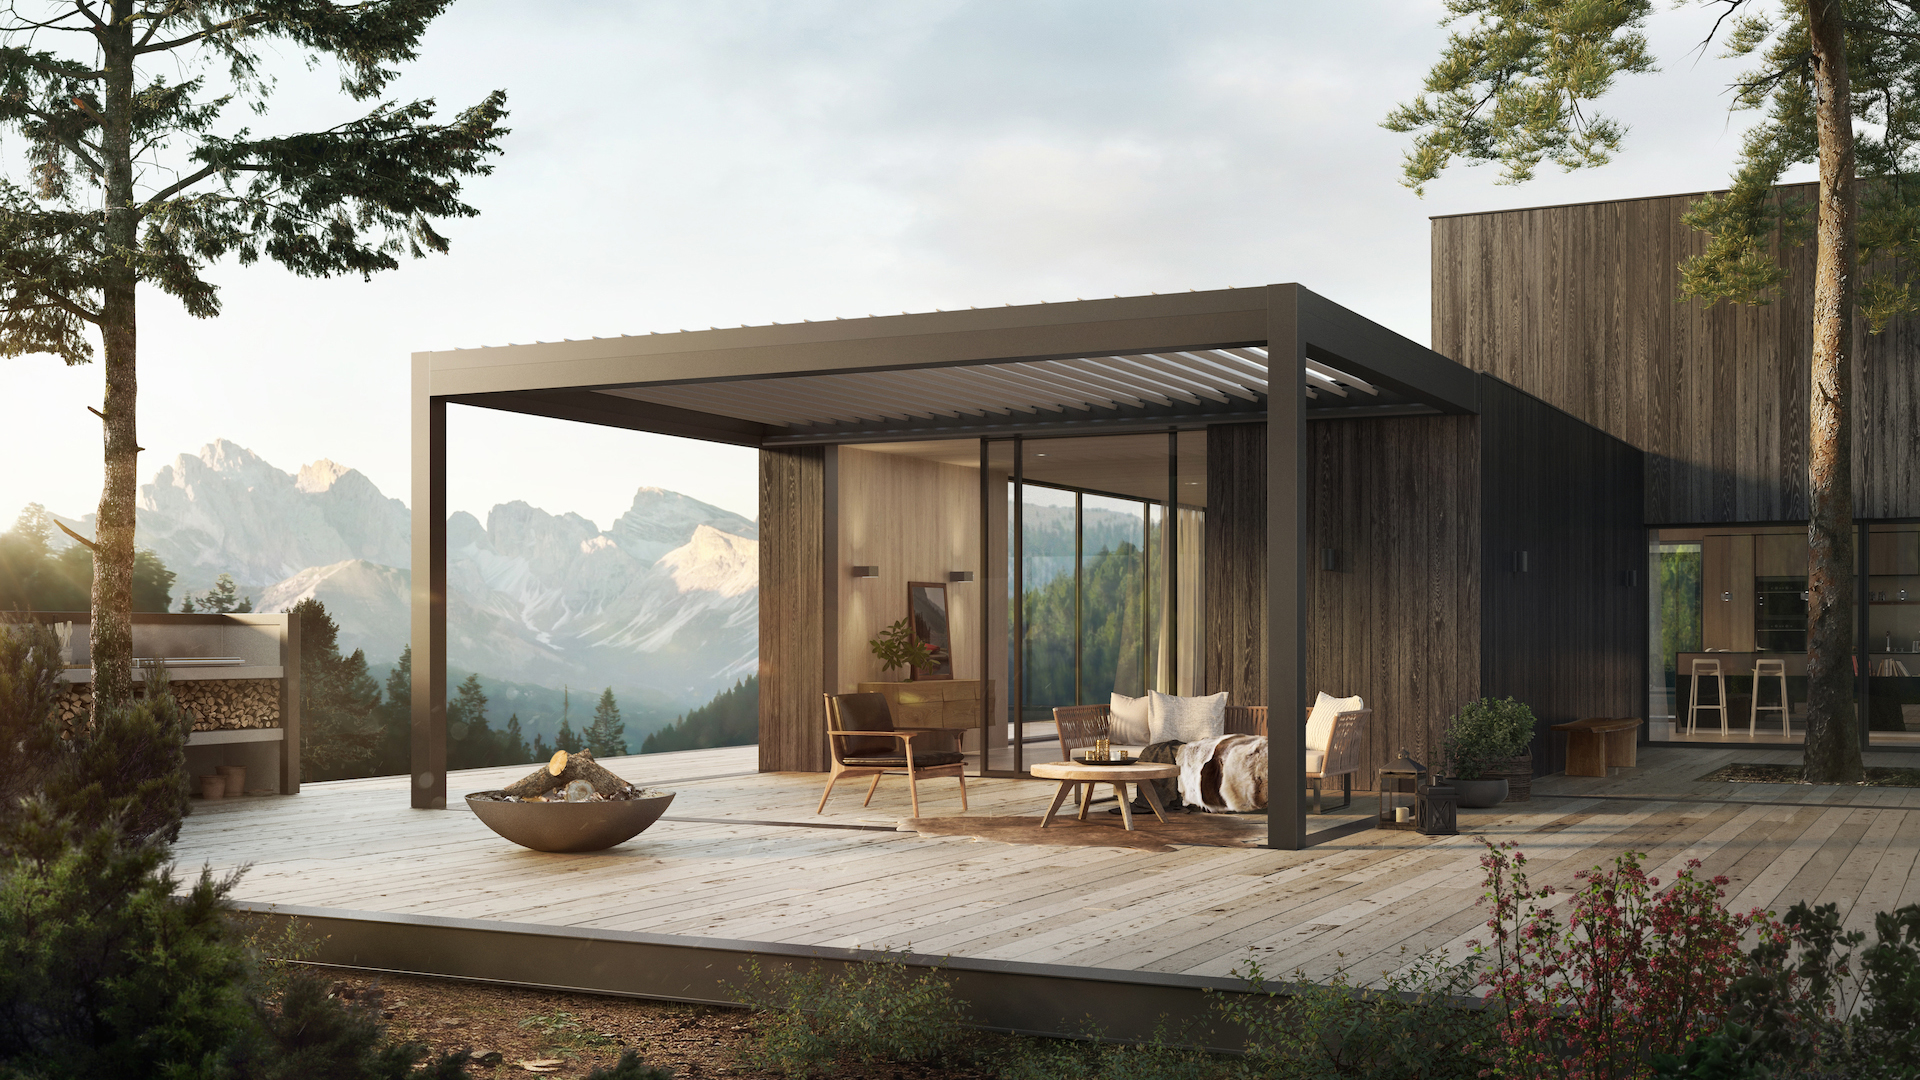 Lamellendach Lamaxa an einer Holzhütte mitten in den Bergen